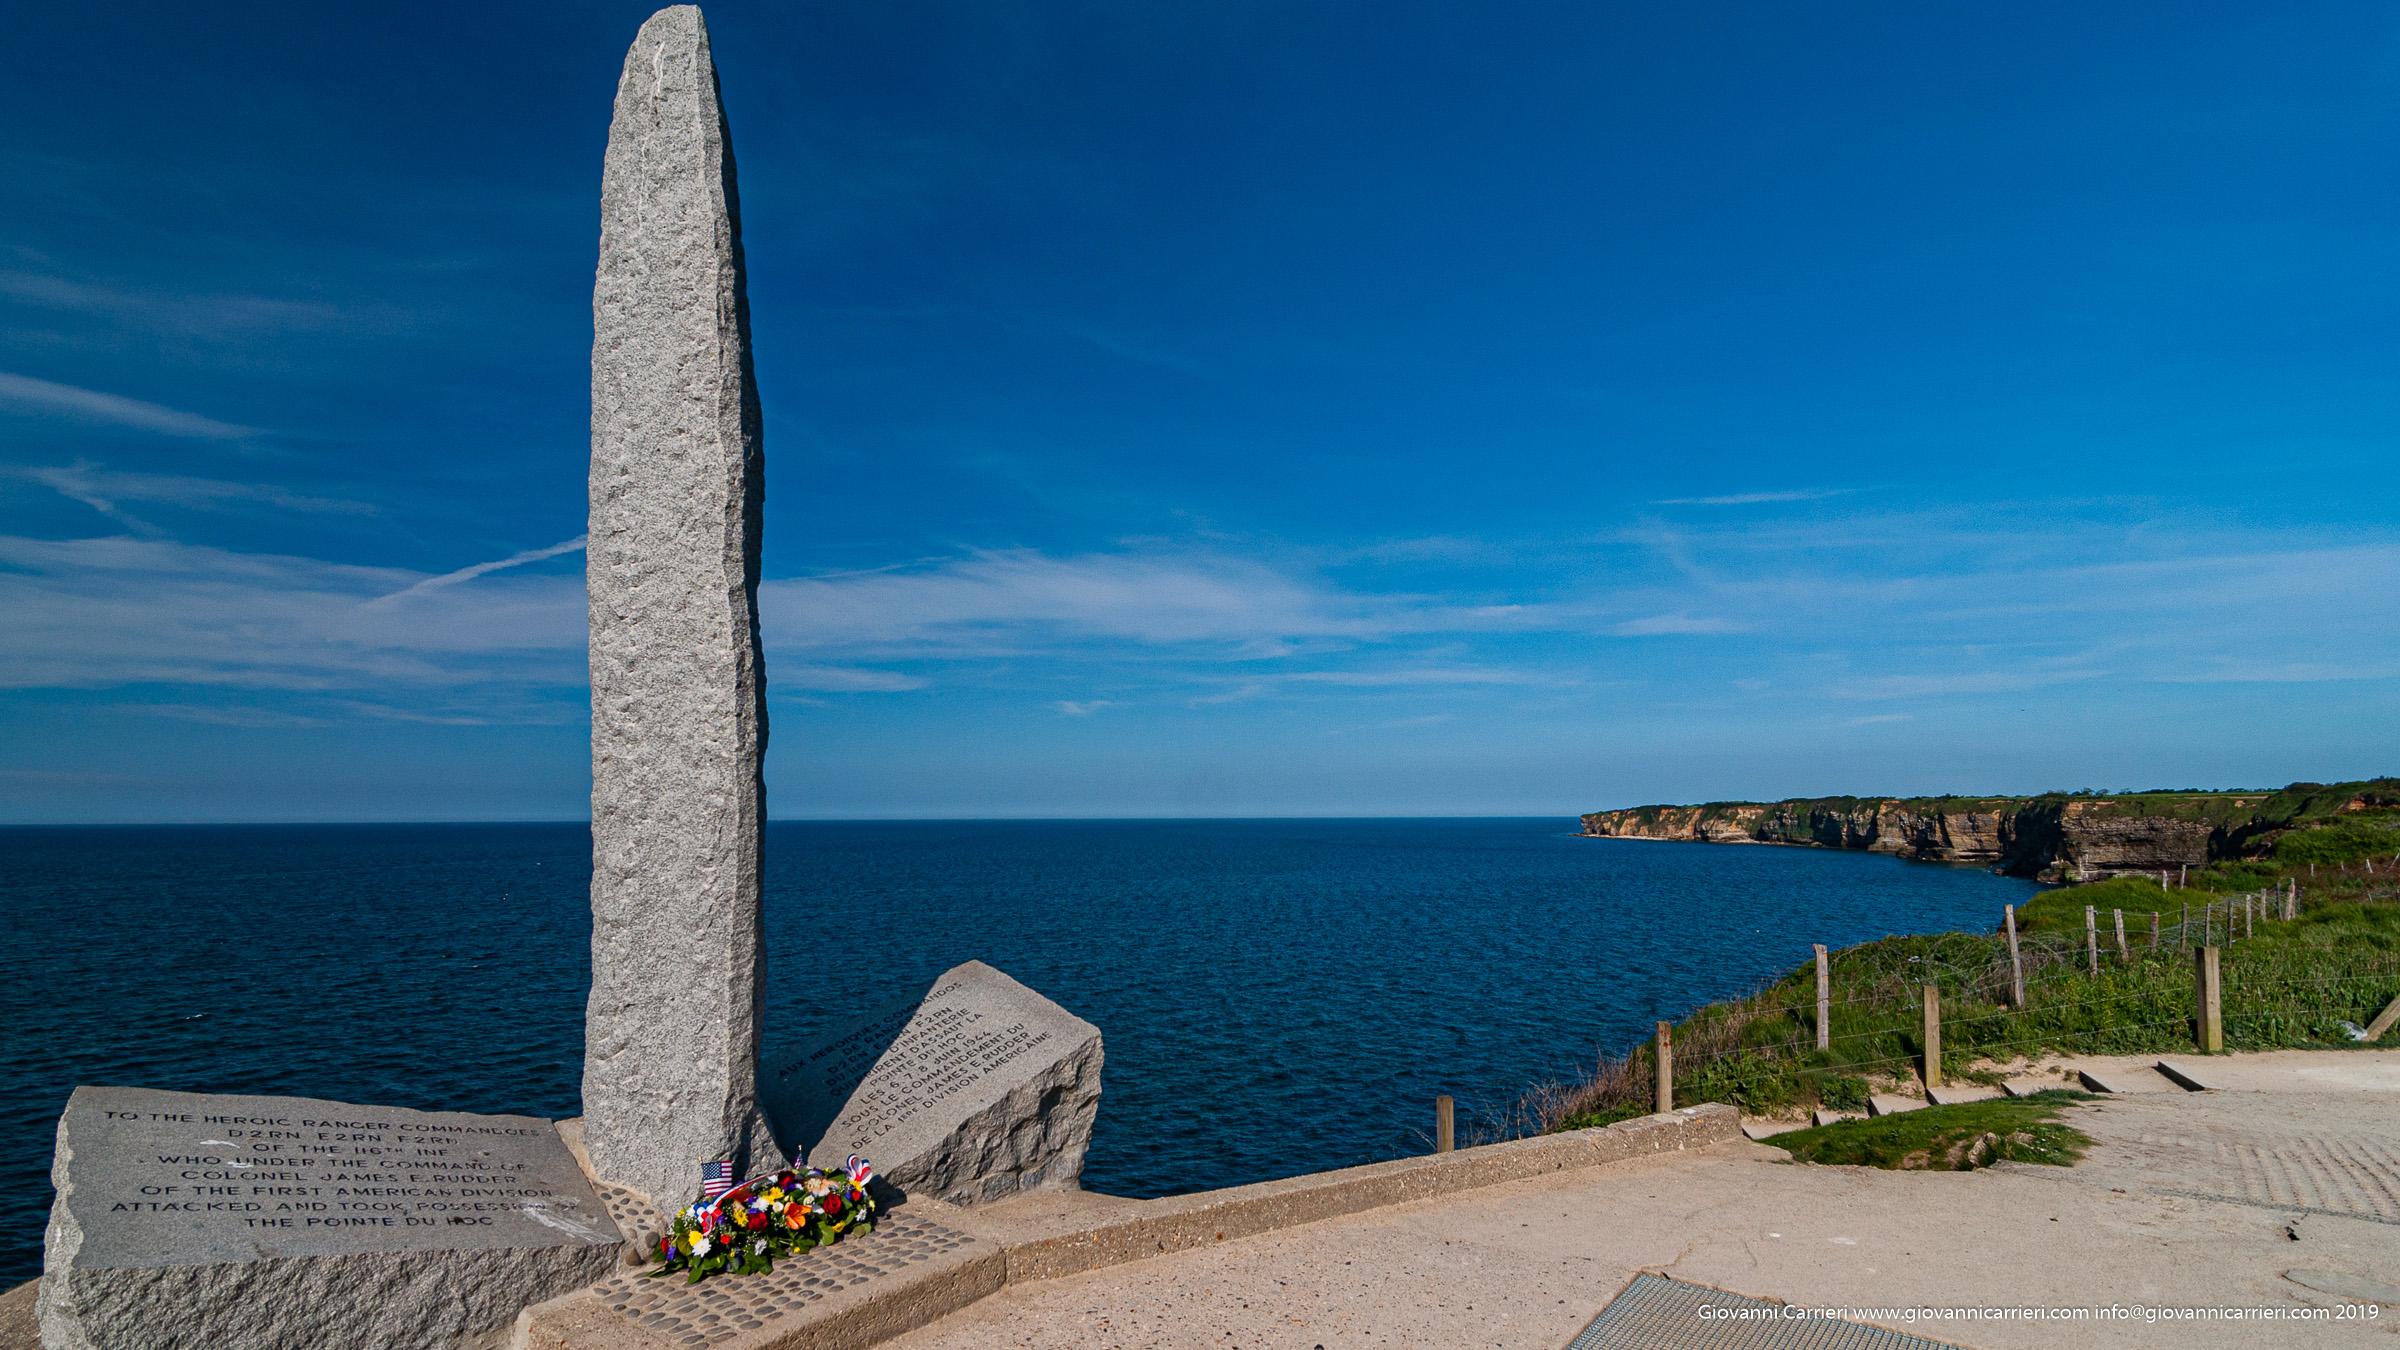 Il monumento di Point du hoc